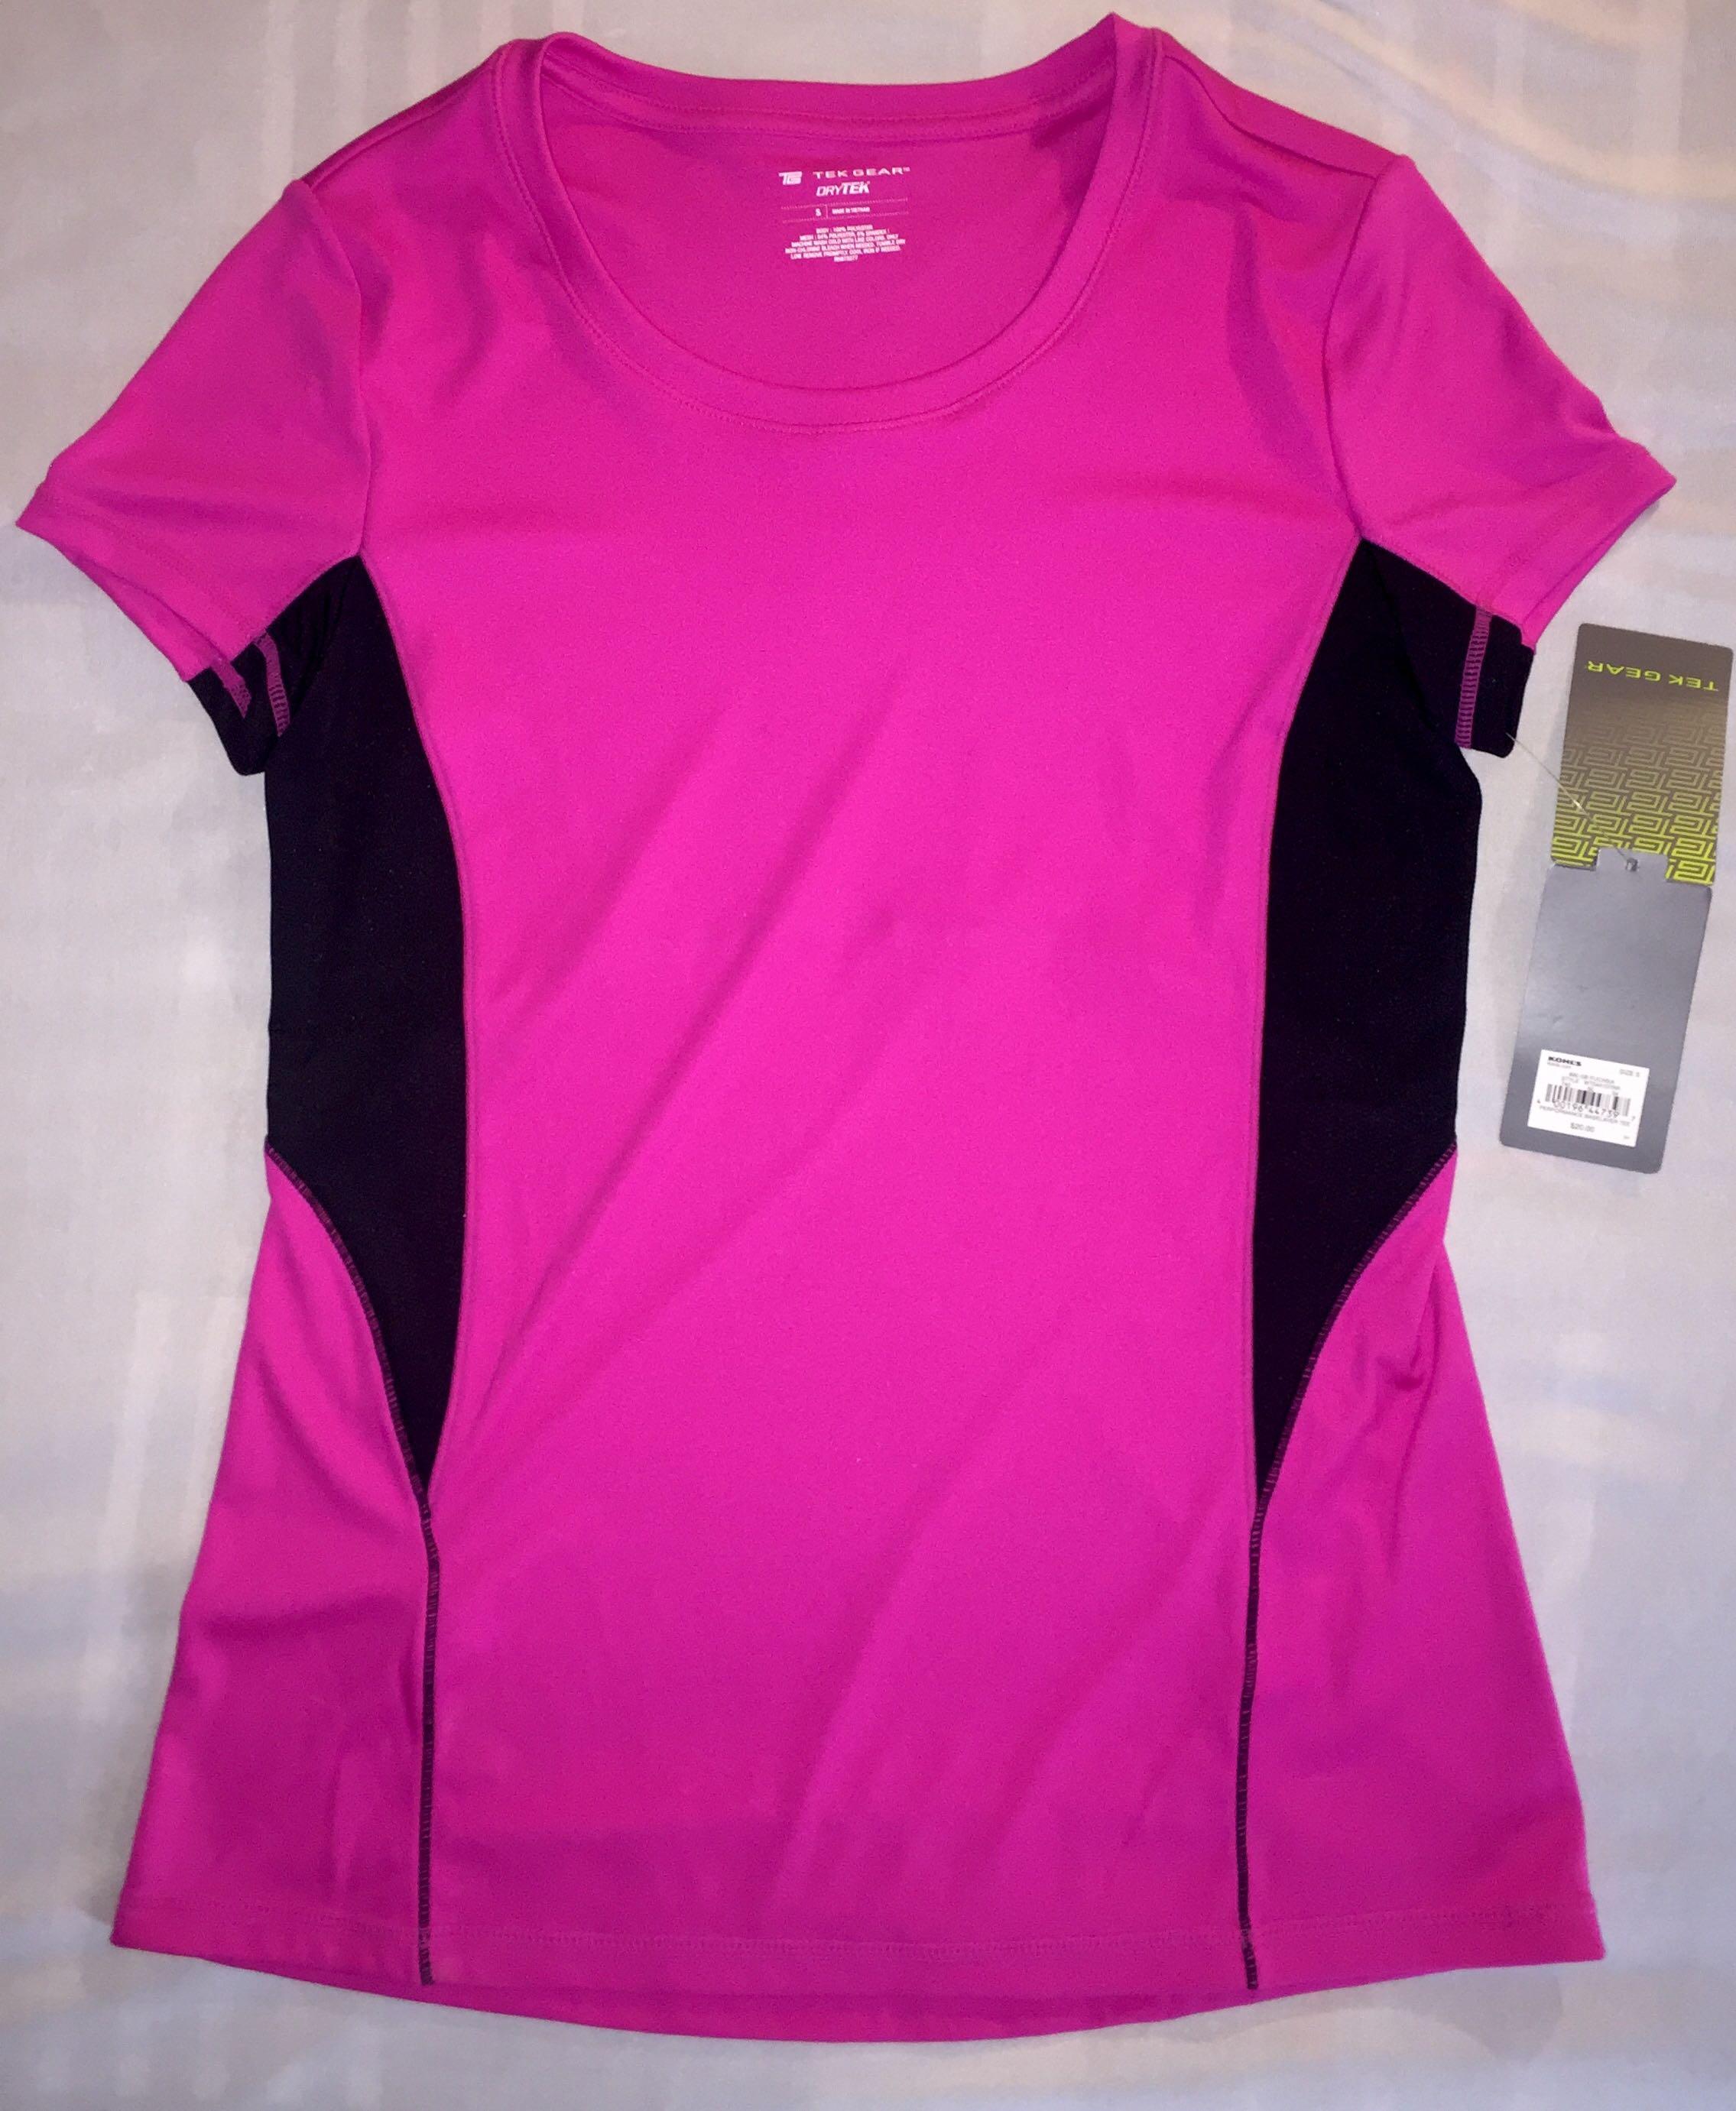 Women's Tek Gear Shirt